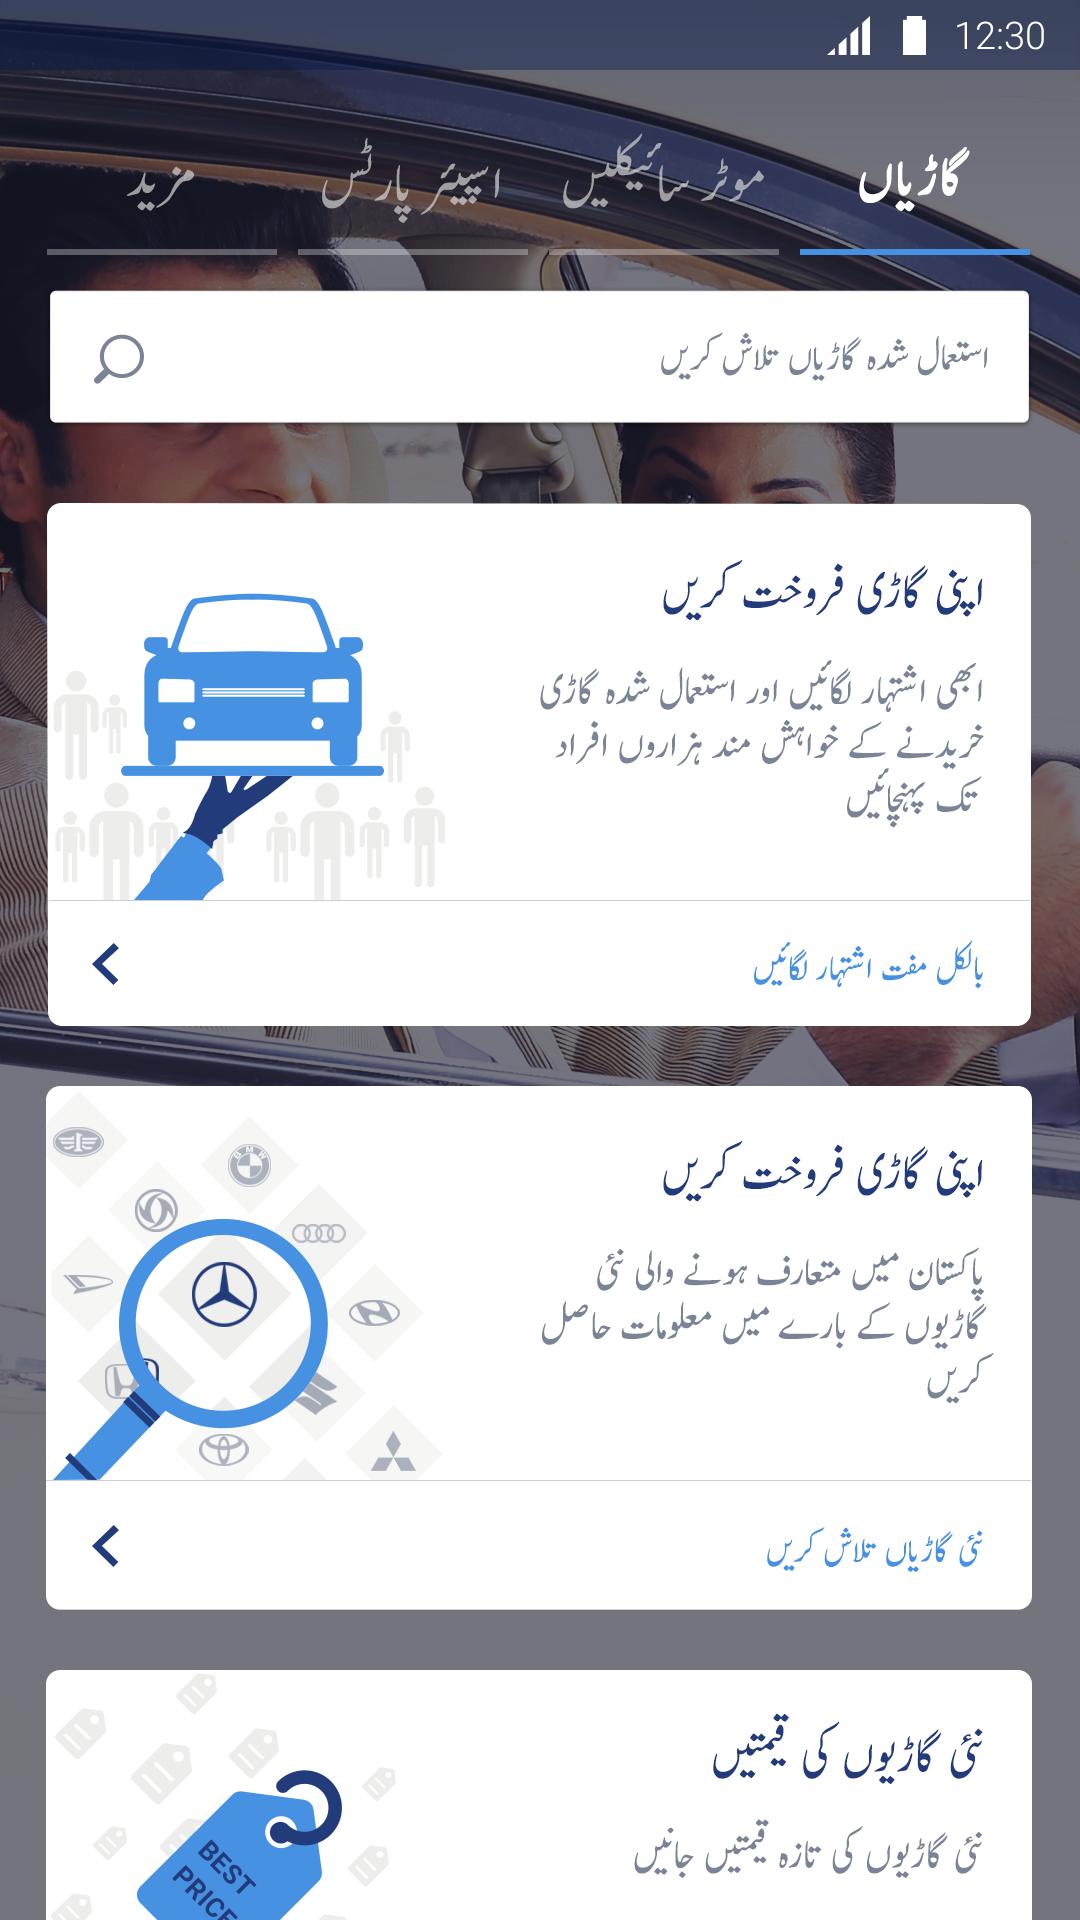 Pakwheels Targets A Larger User Base Through Urdu